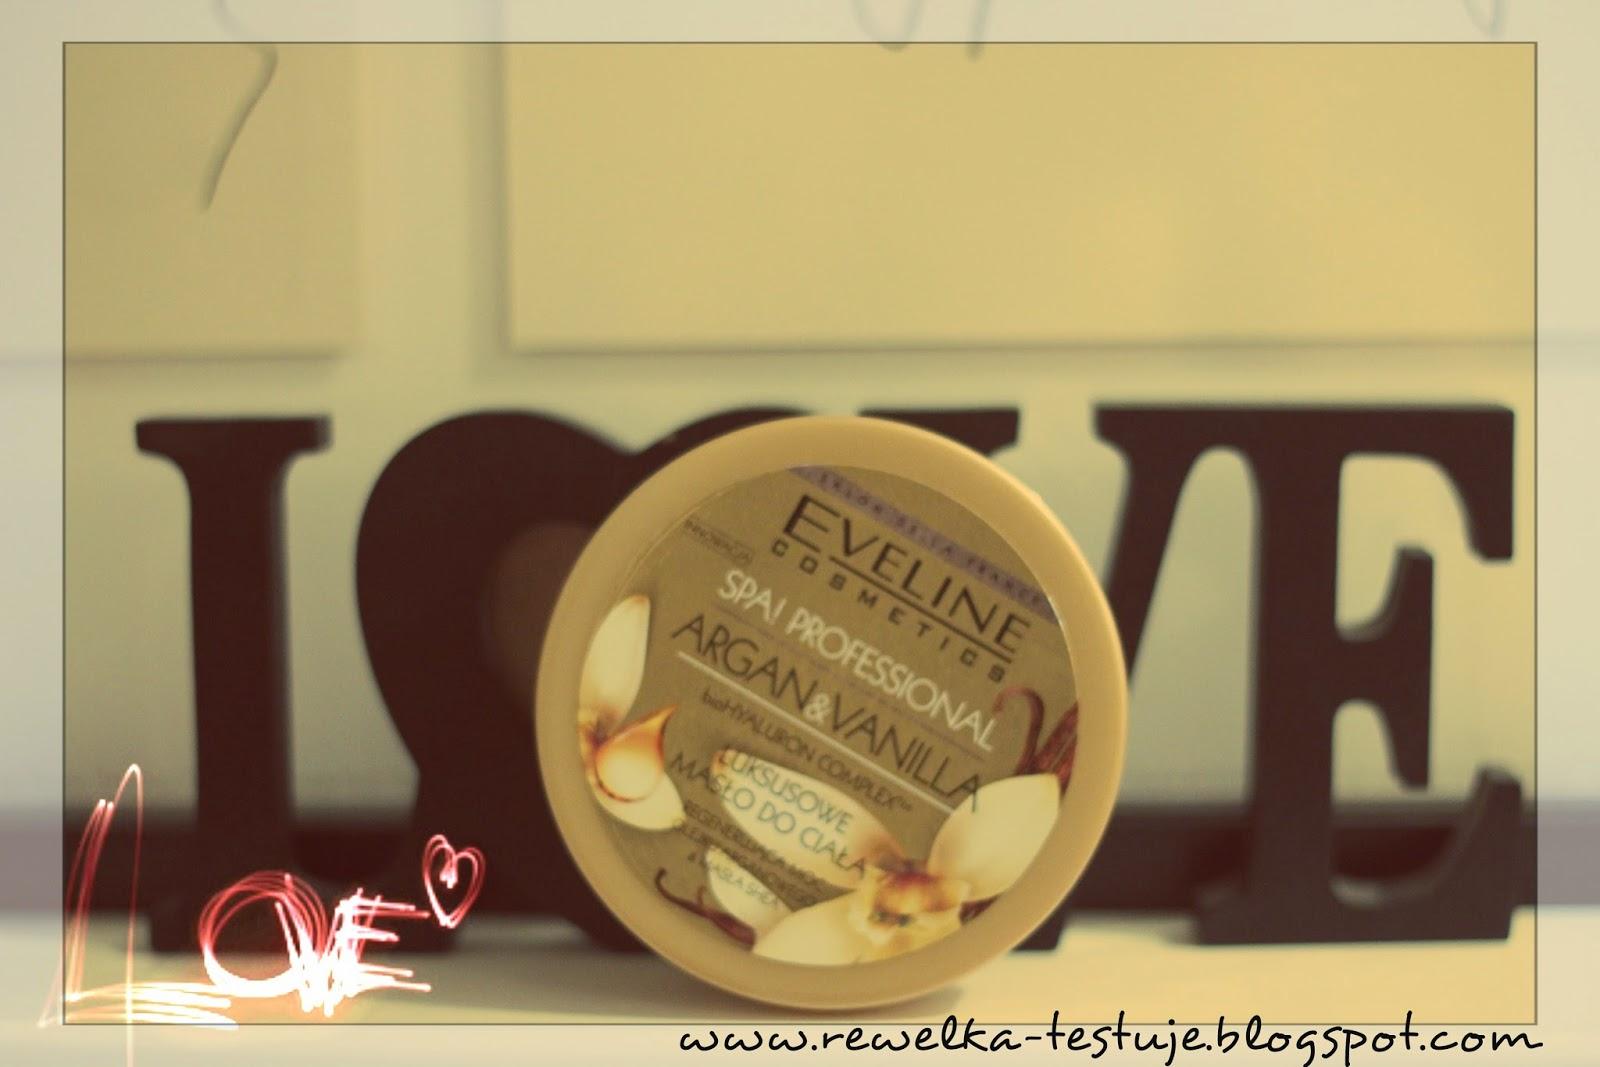 Masło do ciała Eveline Argan&Vanilla - luksus, ale chyba tylko z nazwy...